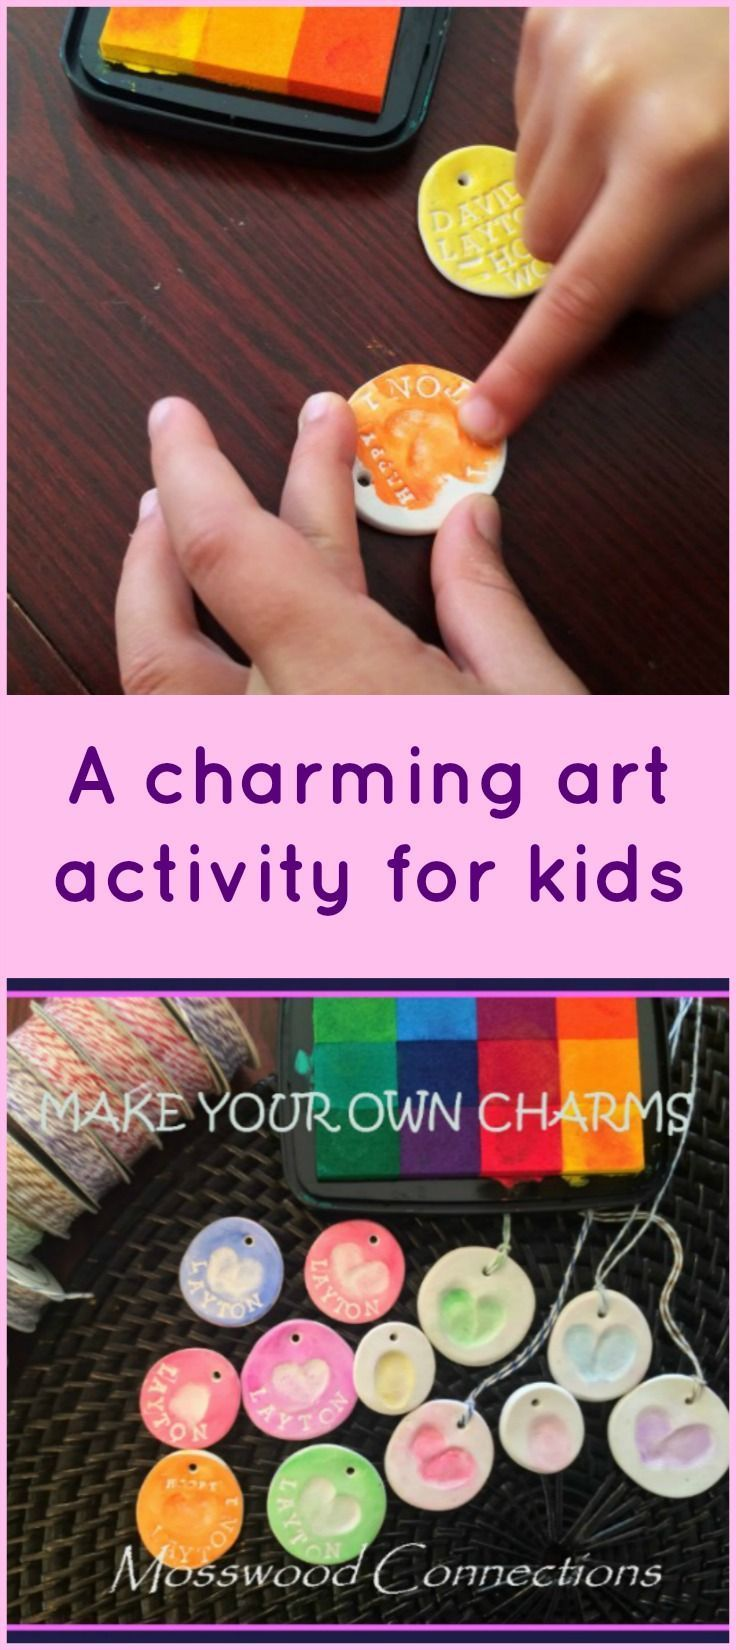 best crafts for kids images on pinterest